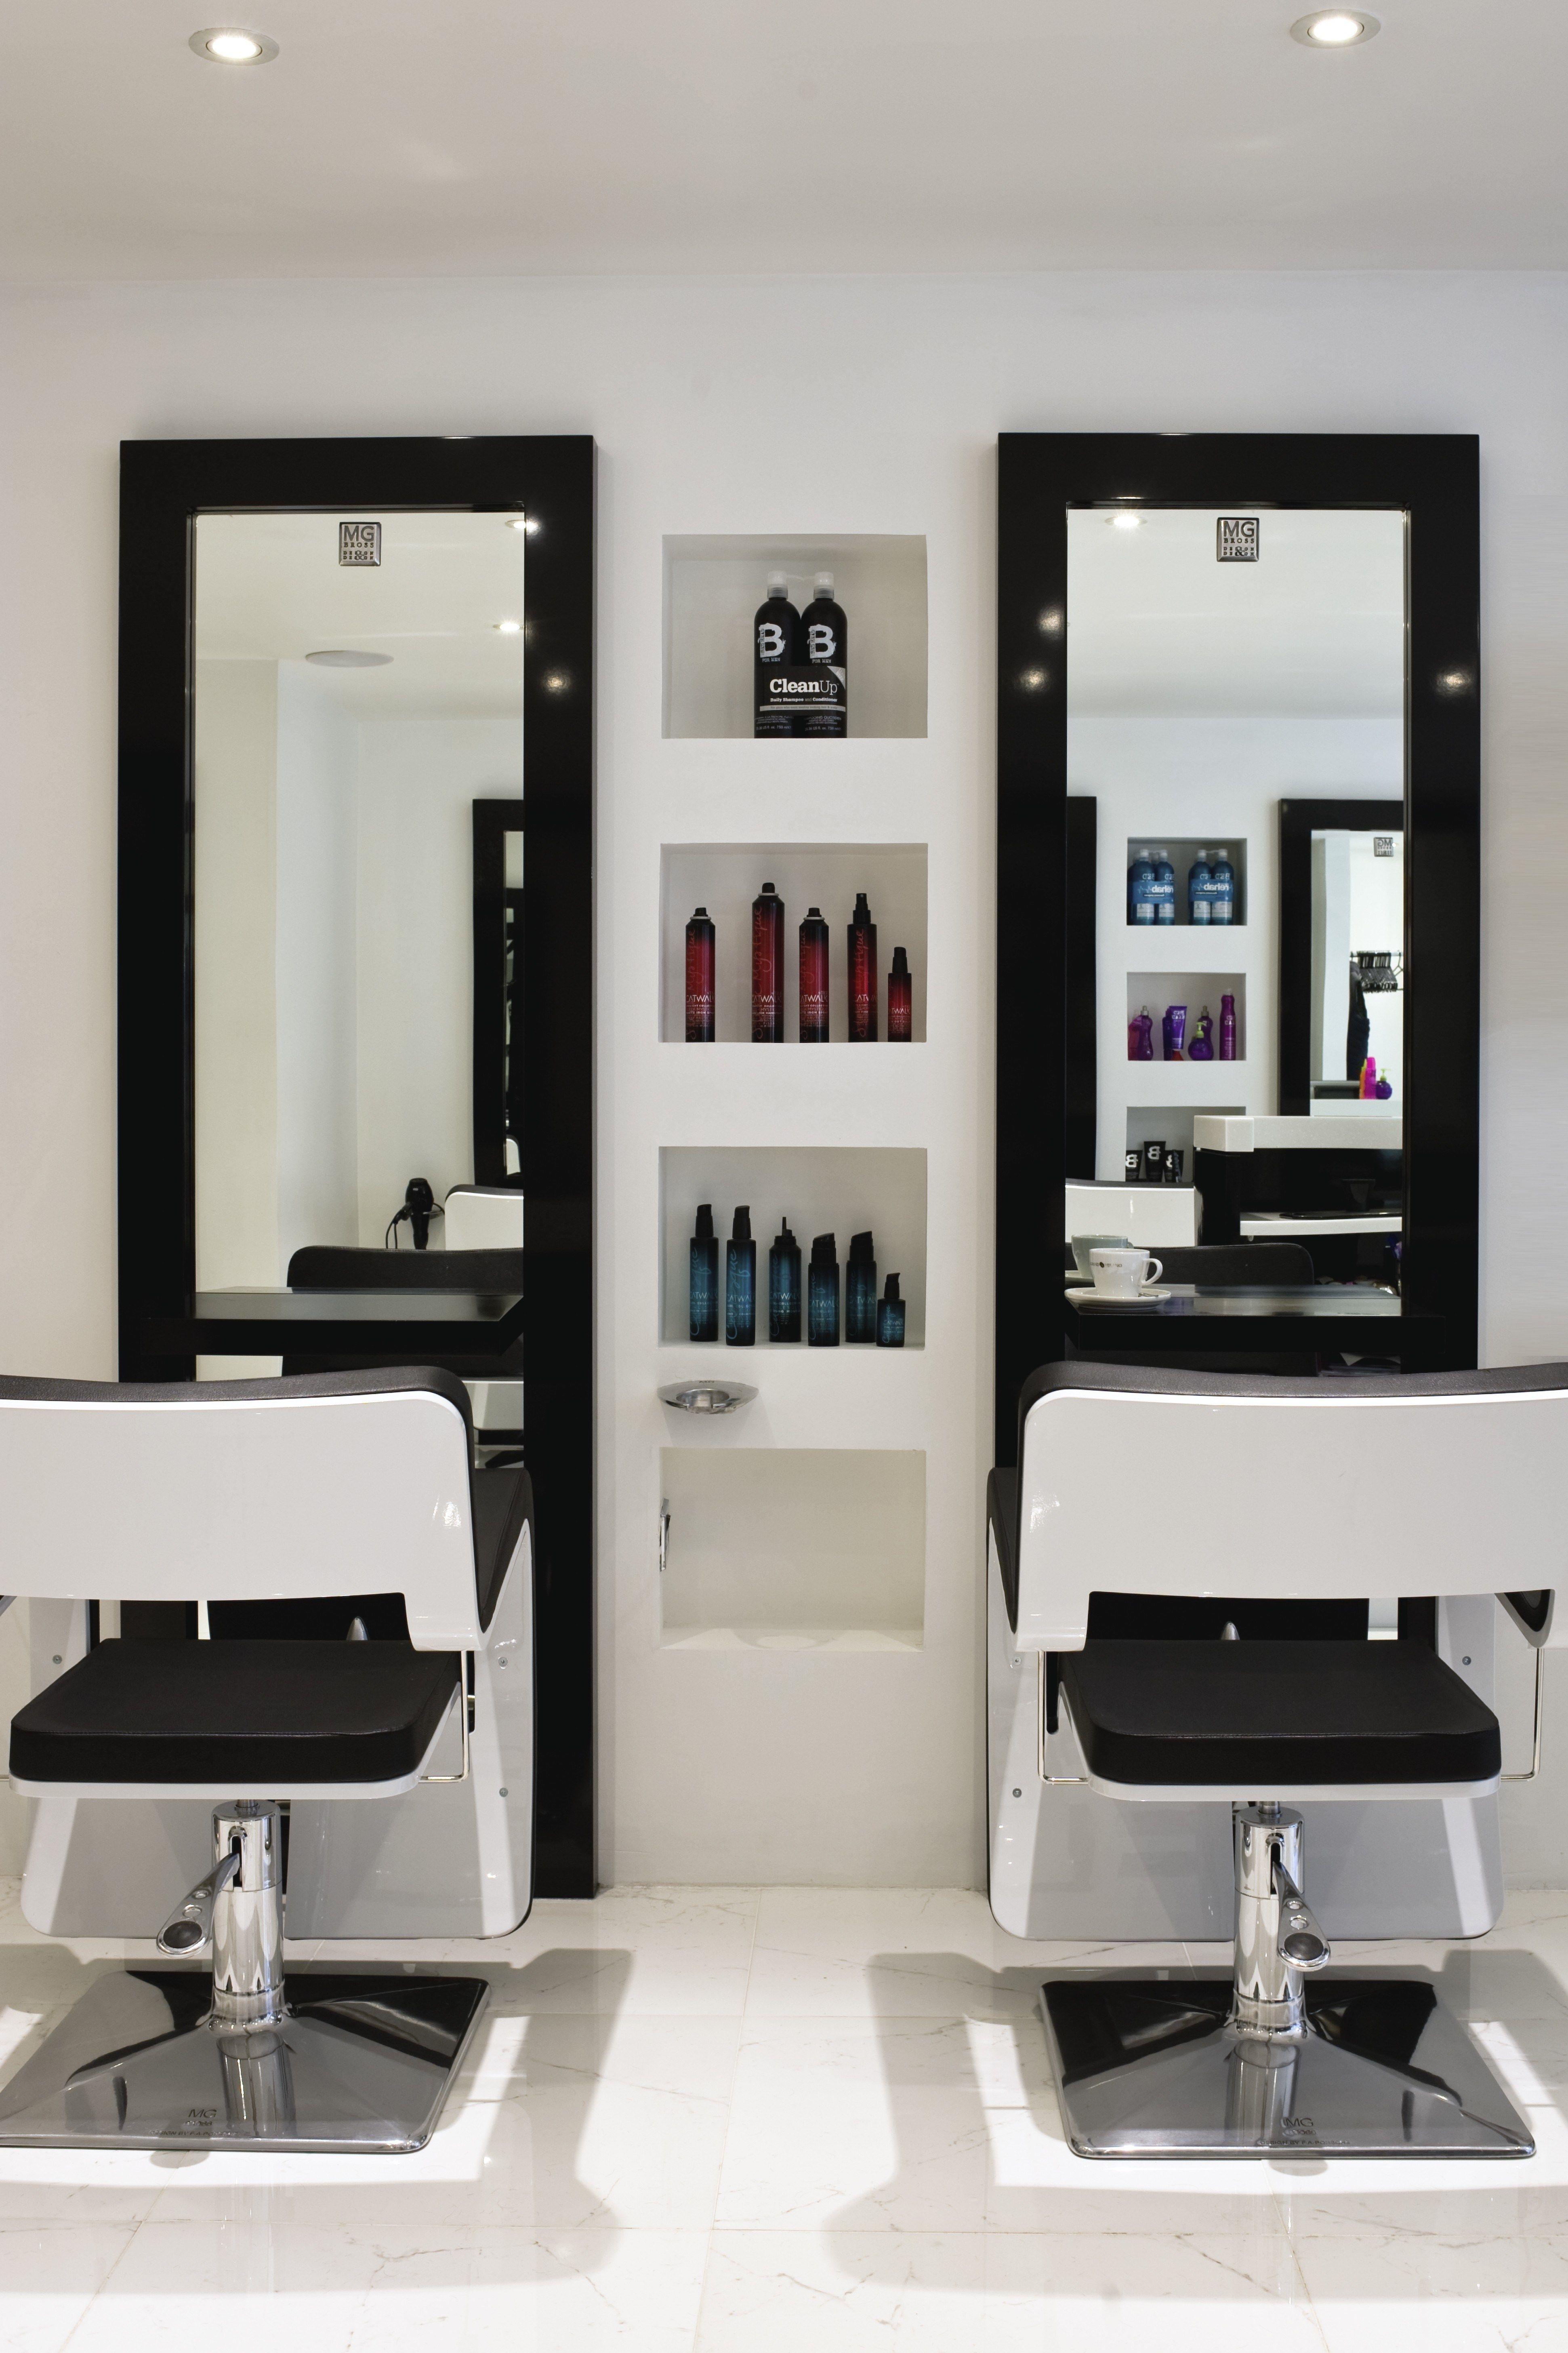 Salon Suite Decor Best Of Salon Suite Decor Salon Suites For All Your Beauty Needs Salon Suites Decor Salon Interior Design Hair Salon Interior